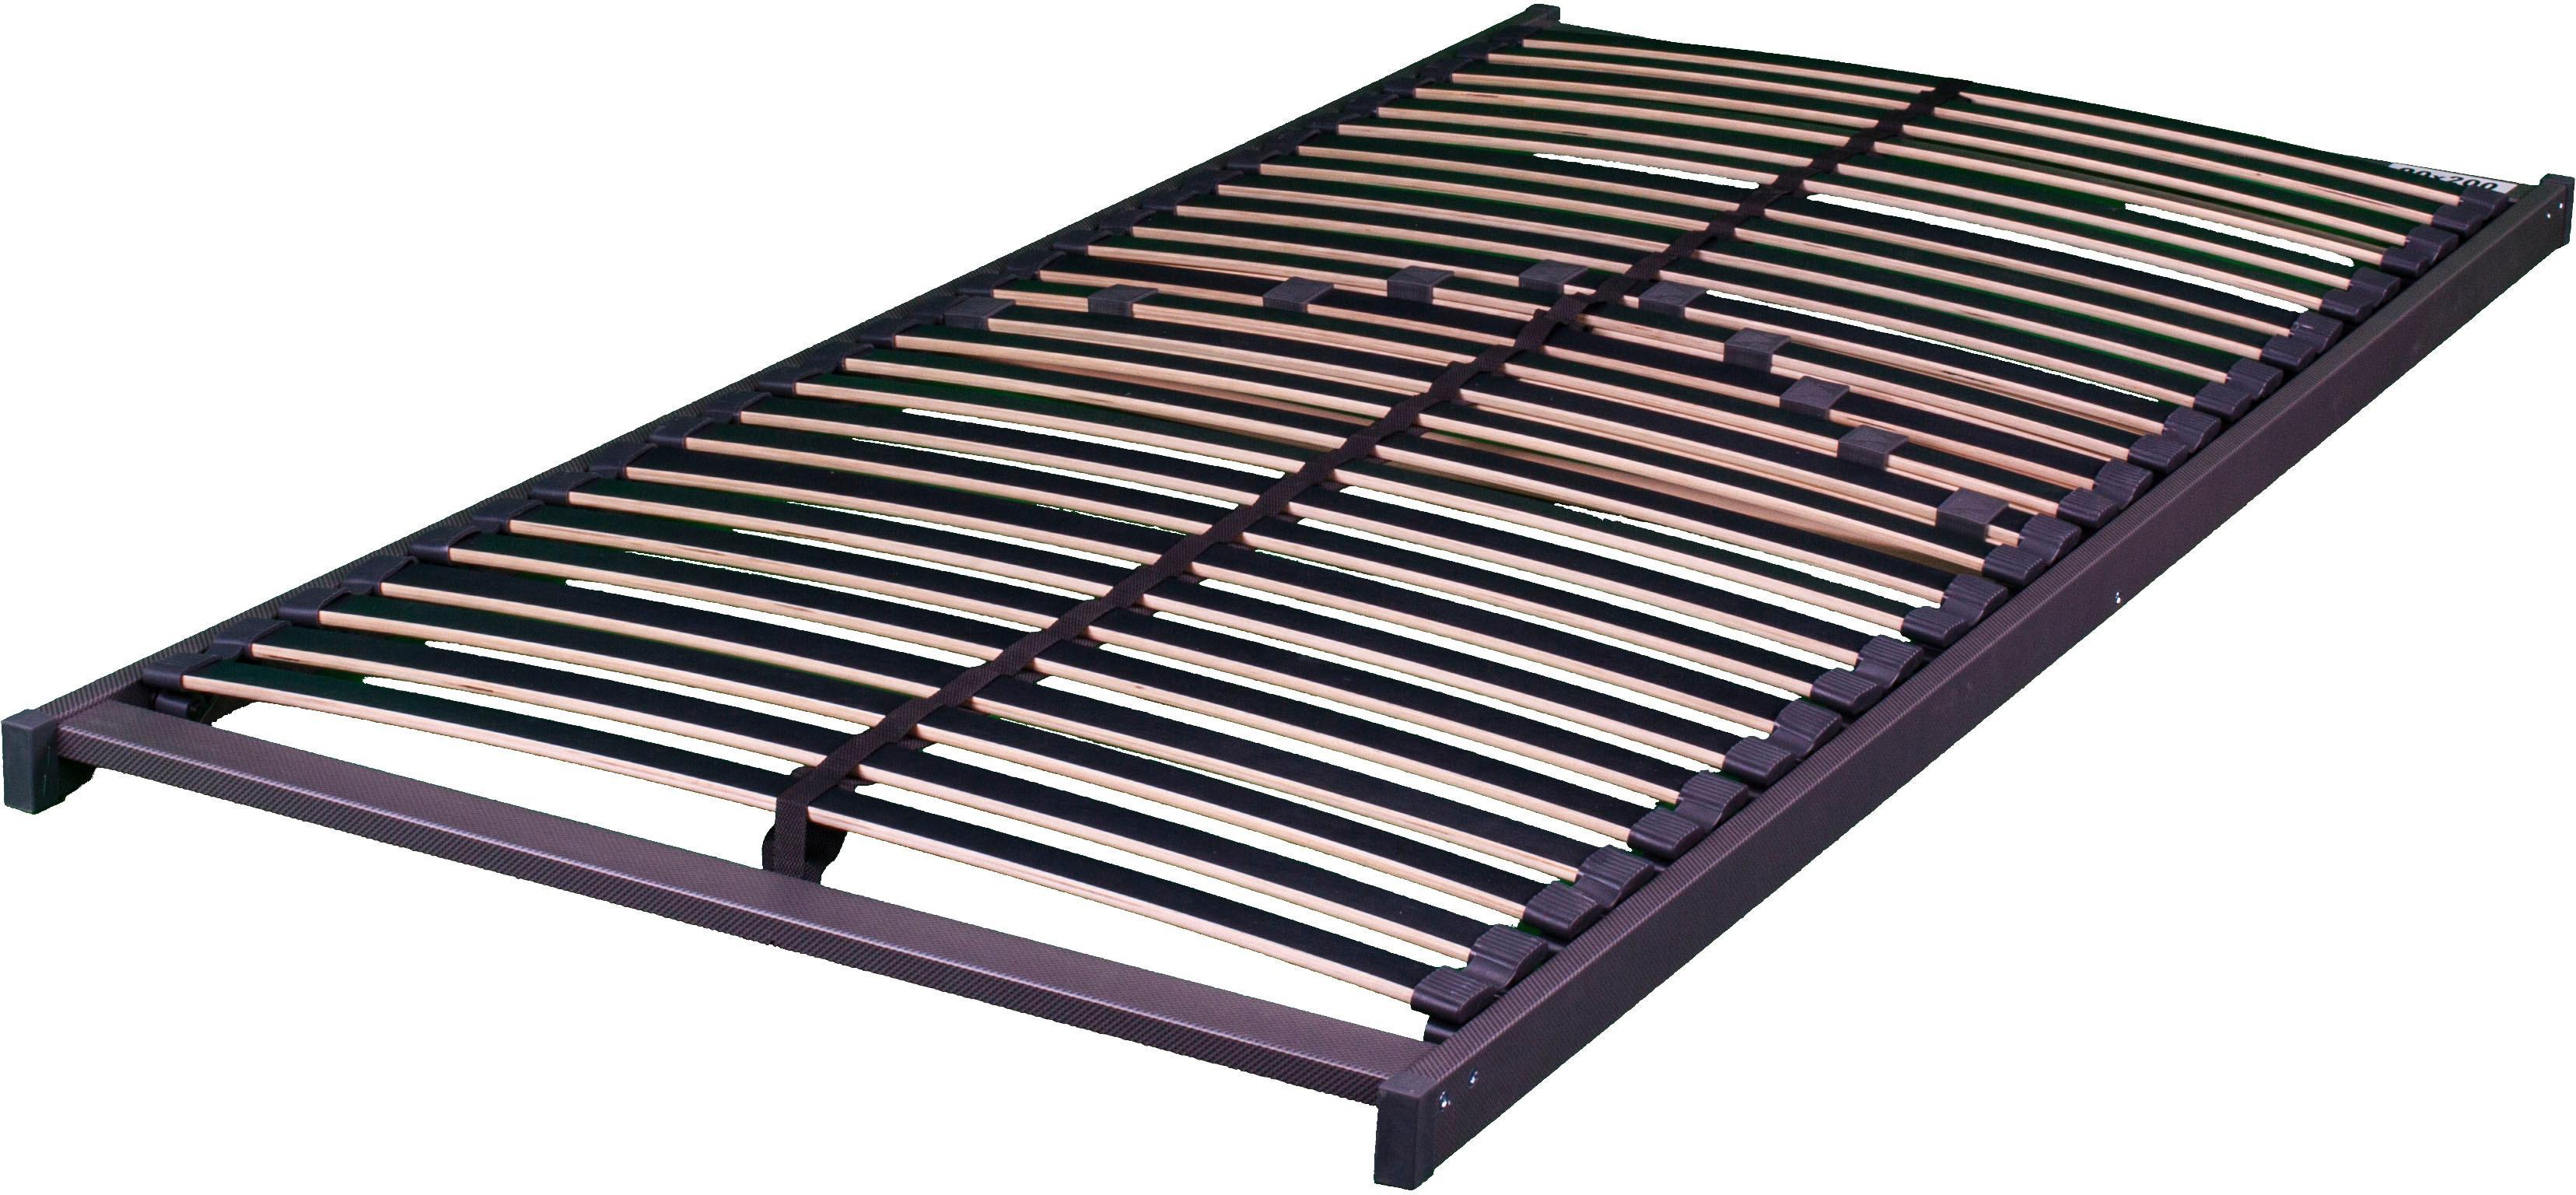 Lattenrost, »EvoX Carbon Starr«, Breckle, Kopfteil nicht verstellbar   Schlafzimmer > Lattenroste   Breckle